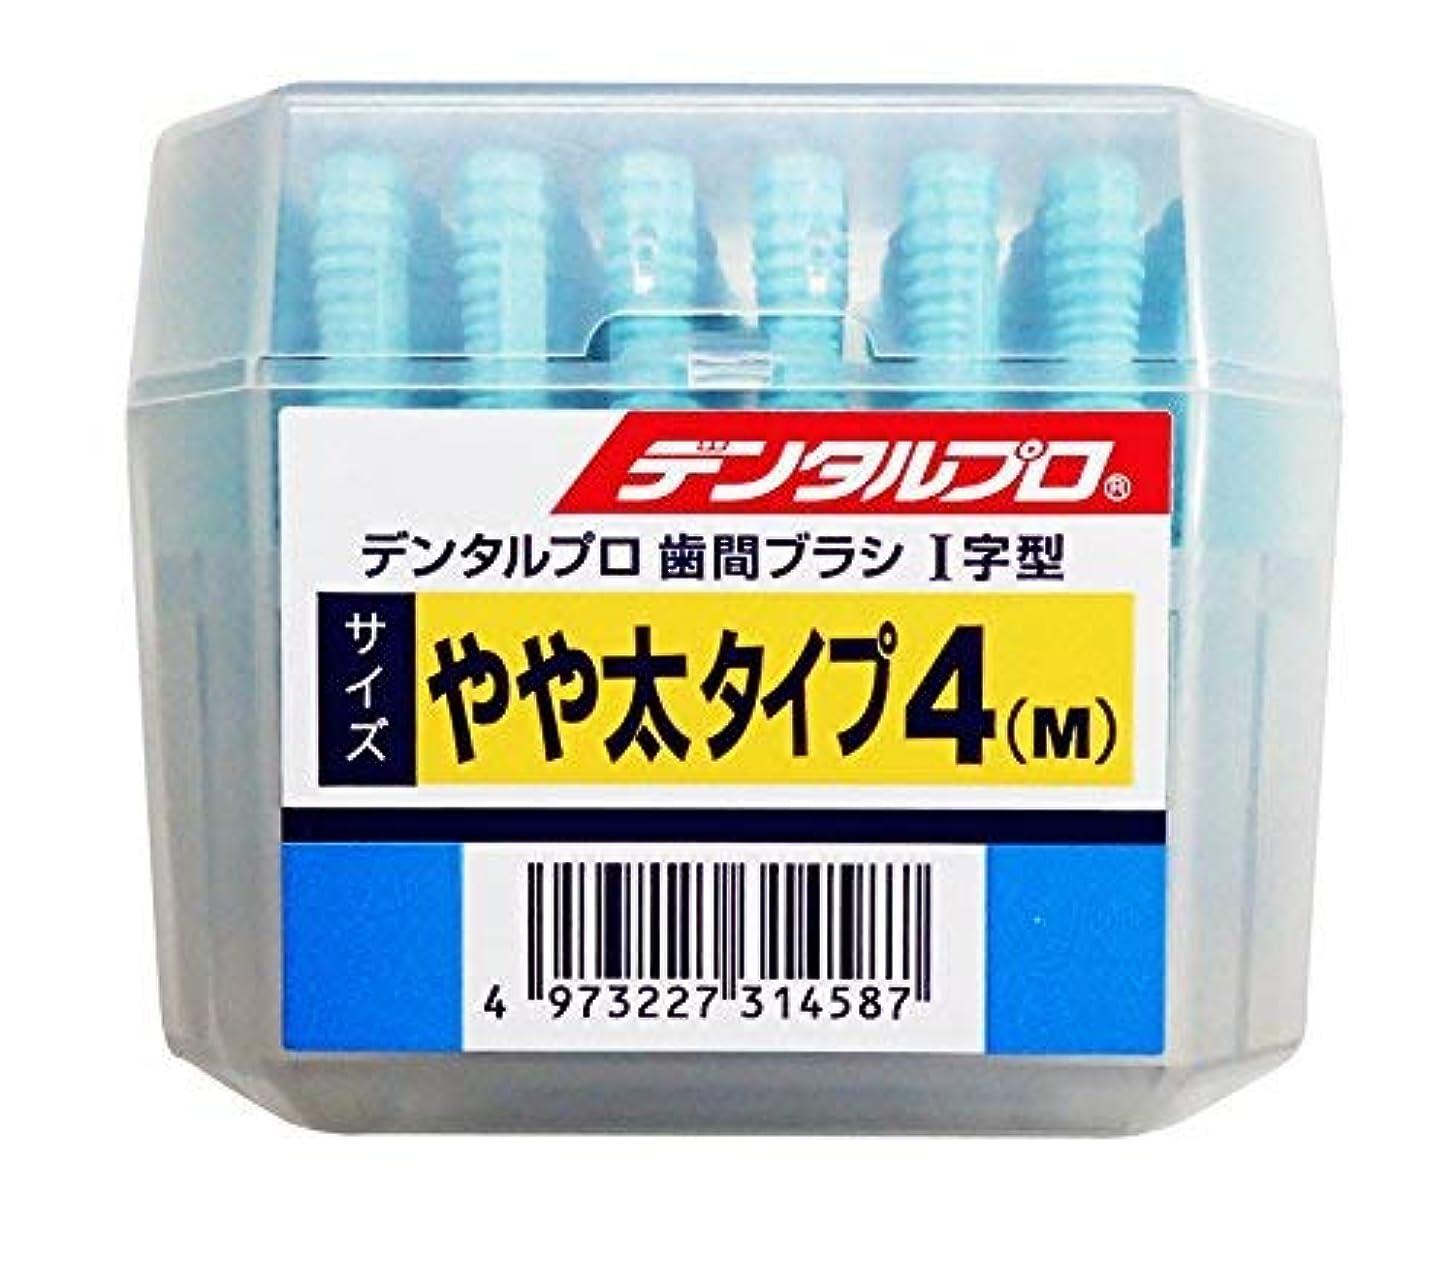 家畜ドラフト厳しいデンタルプロ歯間ブラシ I字 50P サイズ4(M) × 60個セット